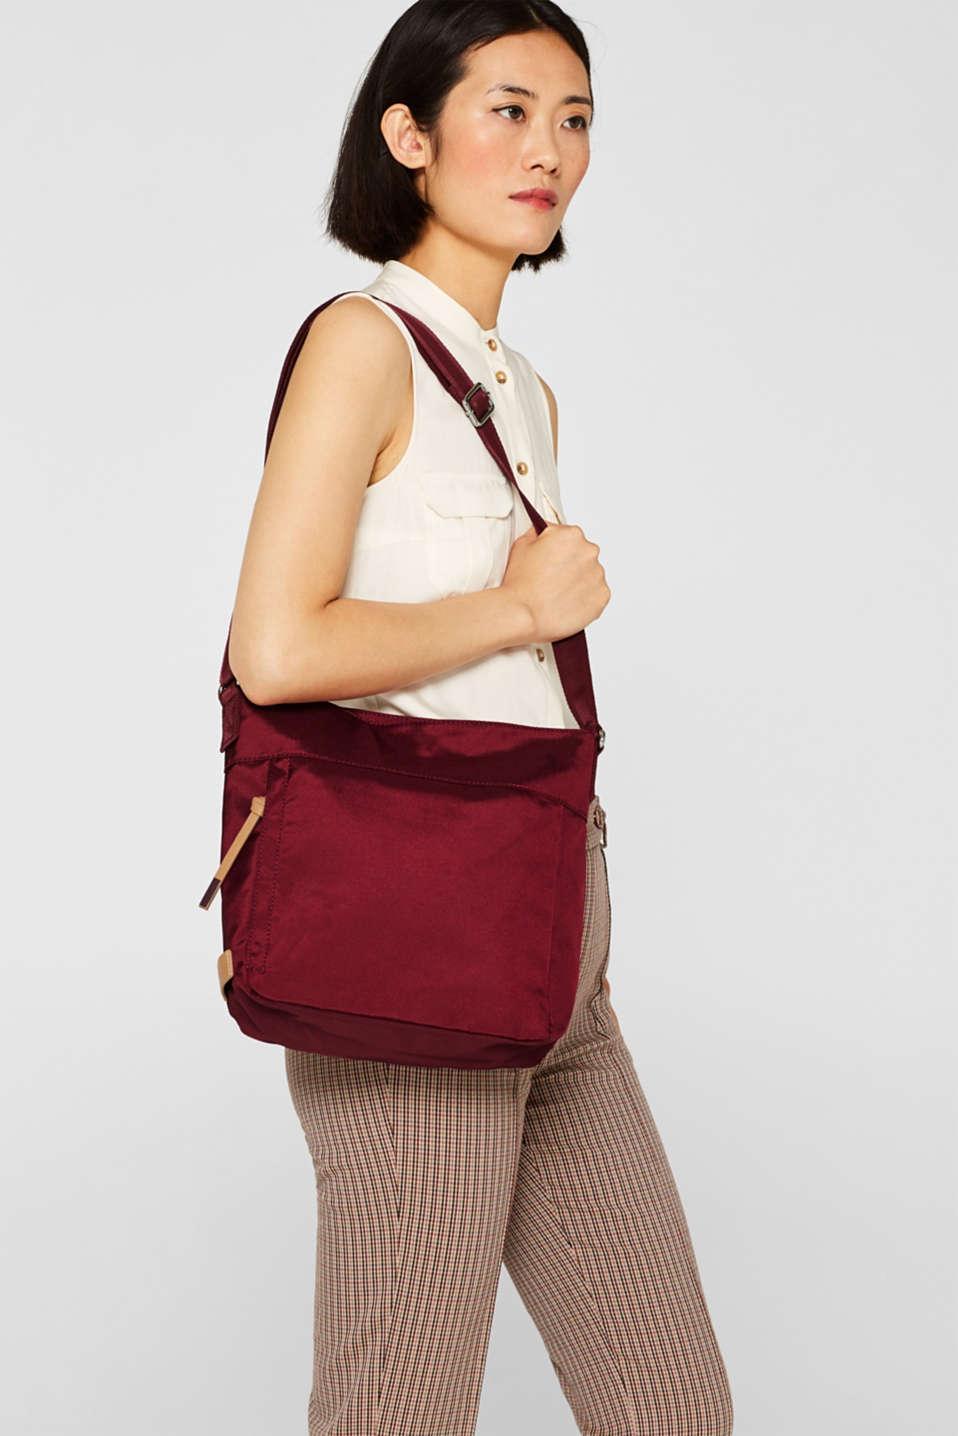 Nylon shoulder bag, BORDEAUX RED, detail image number 1